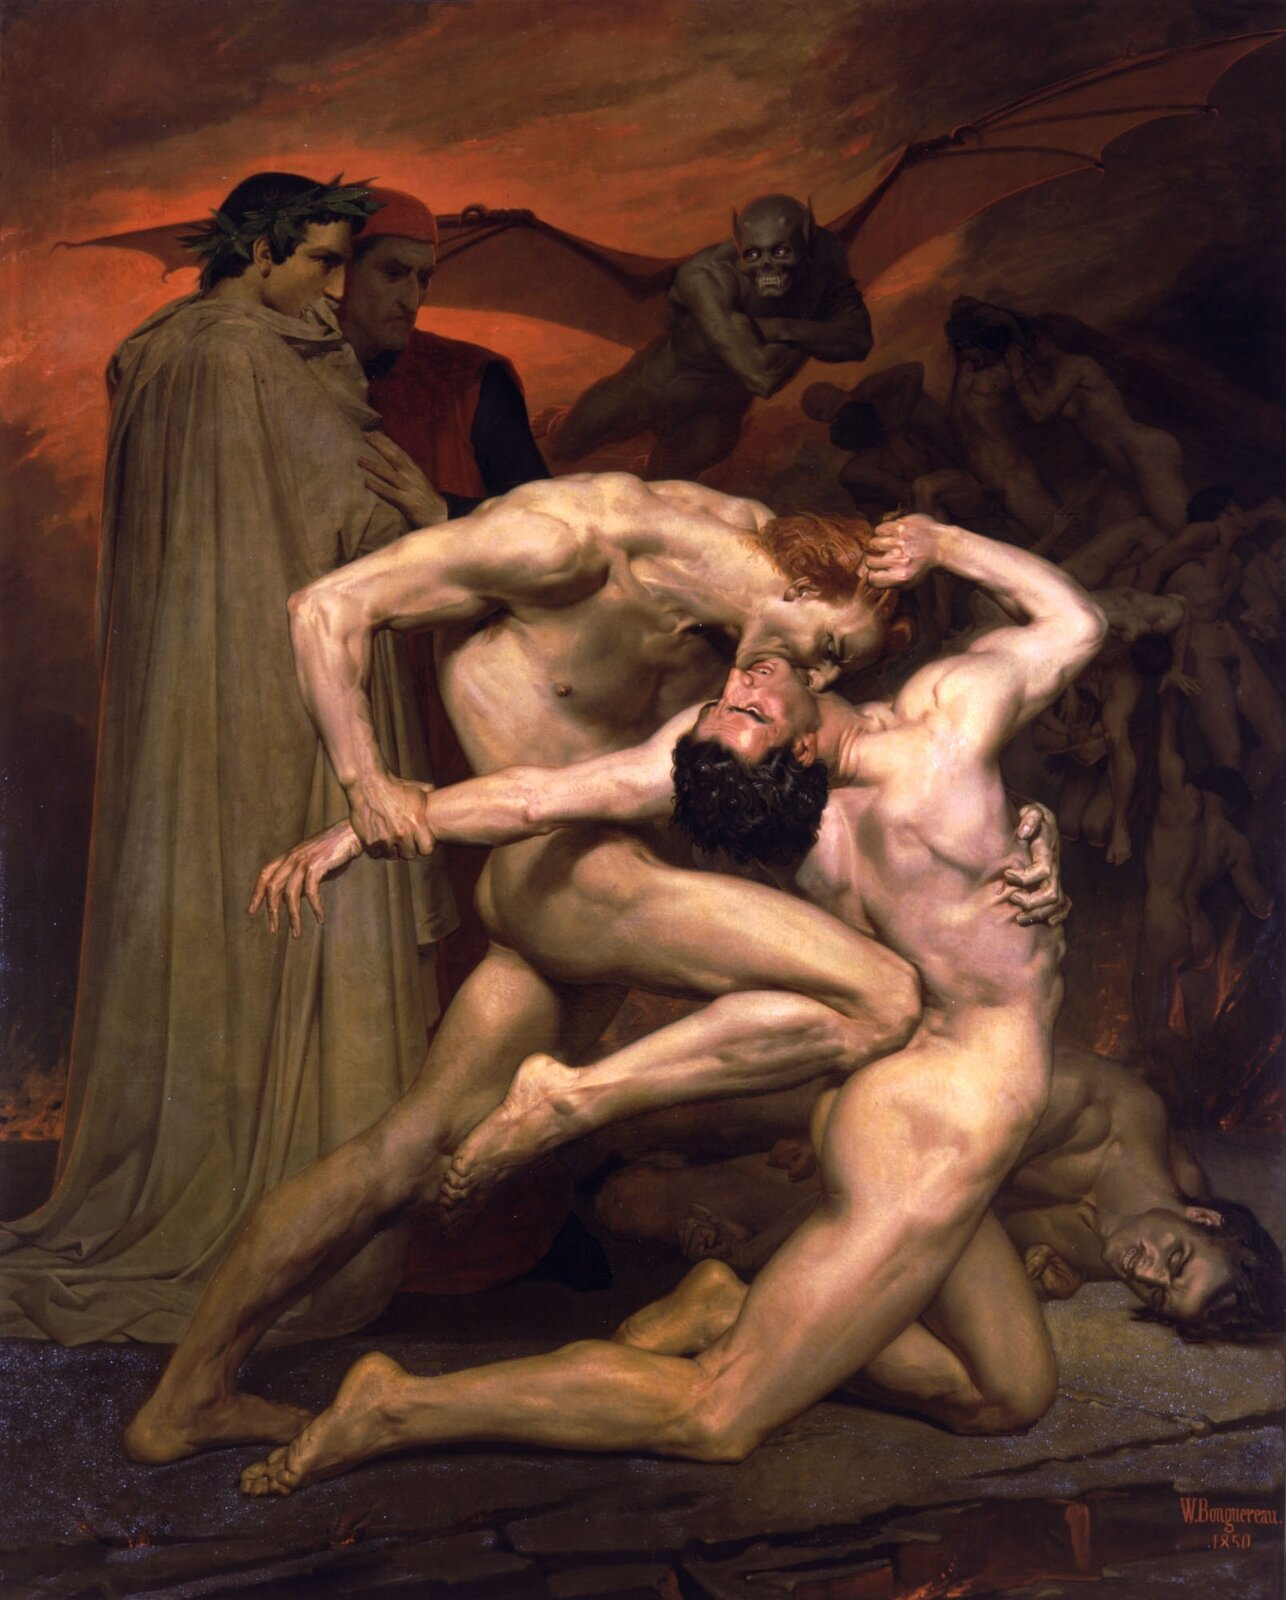 Dante iWergiliusz wpiekle Źródło: William-Adolphe Bouguereau, Dante iWergiliusz wpiekle, 1850, Musée d'Orsay, Paryż, domena publiczna.